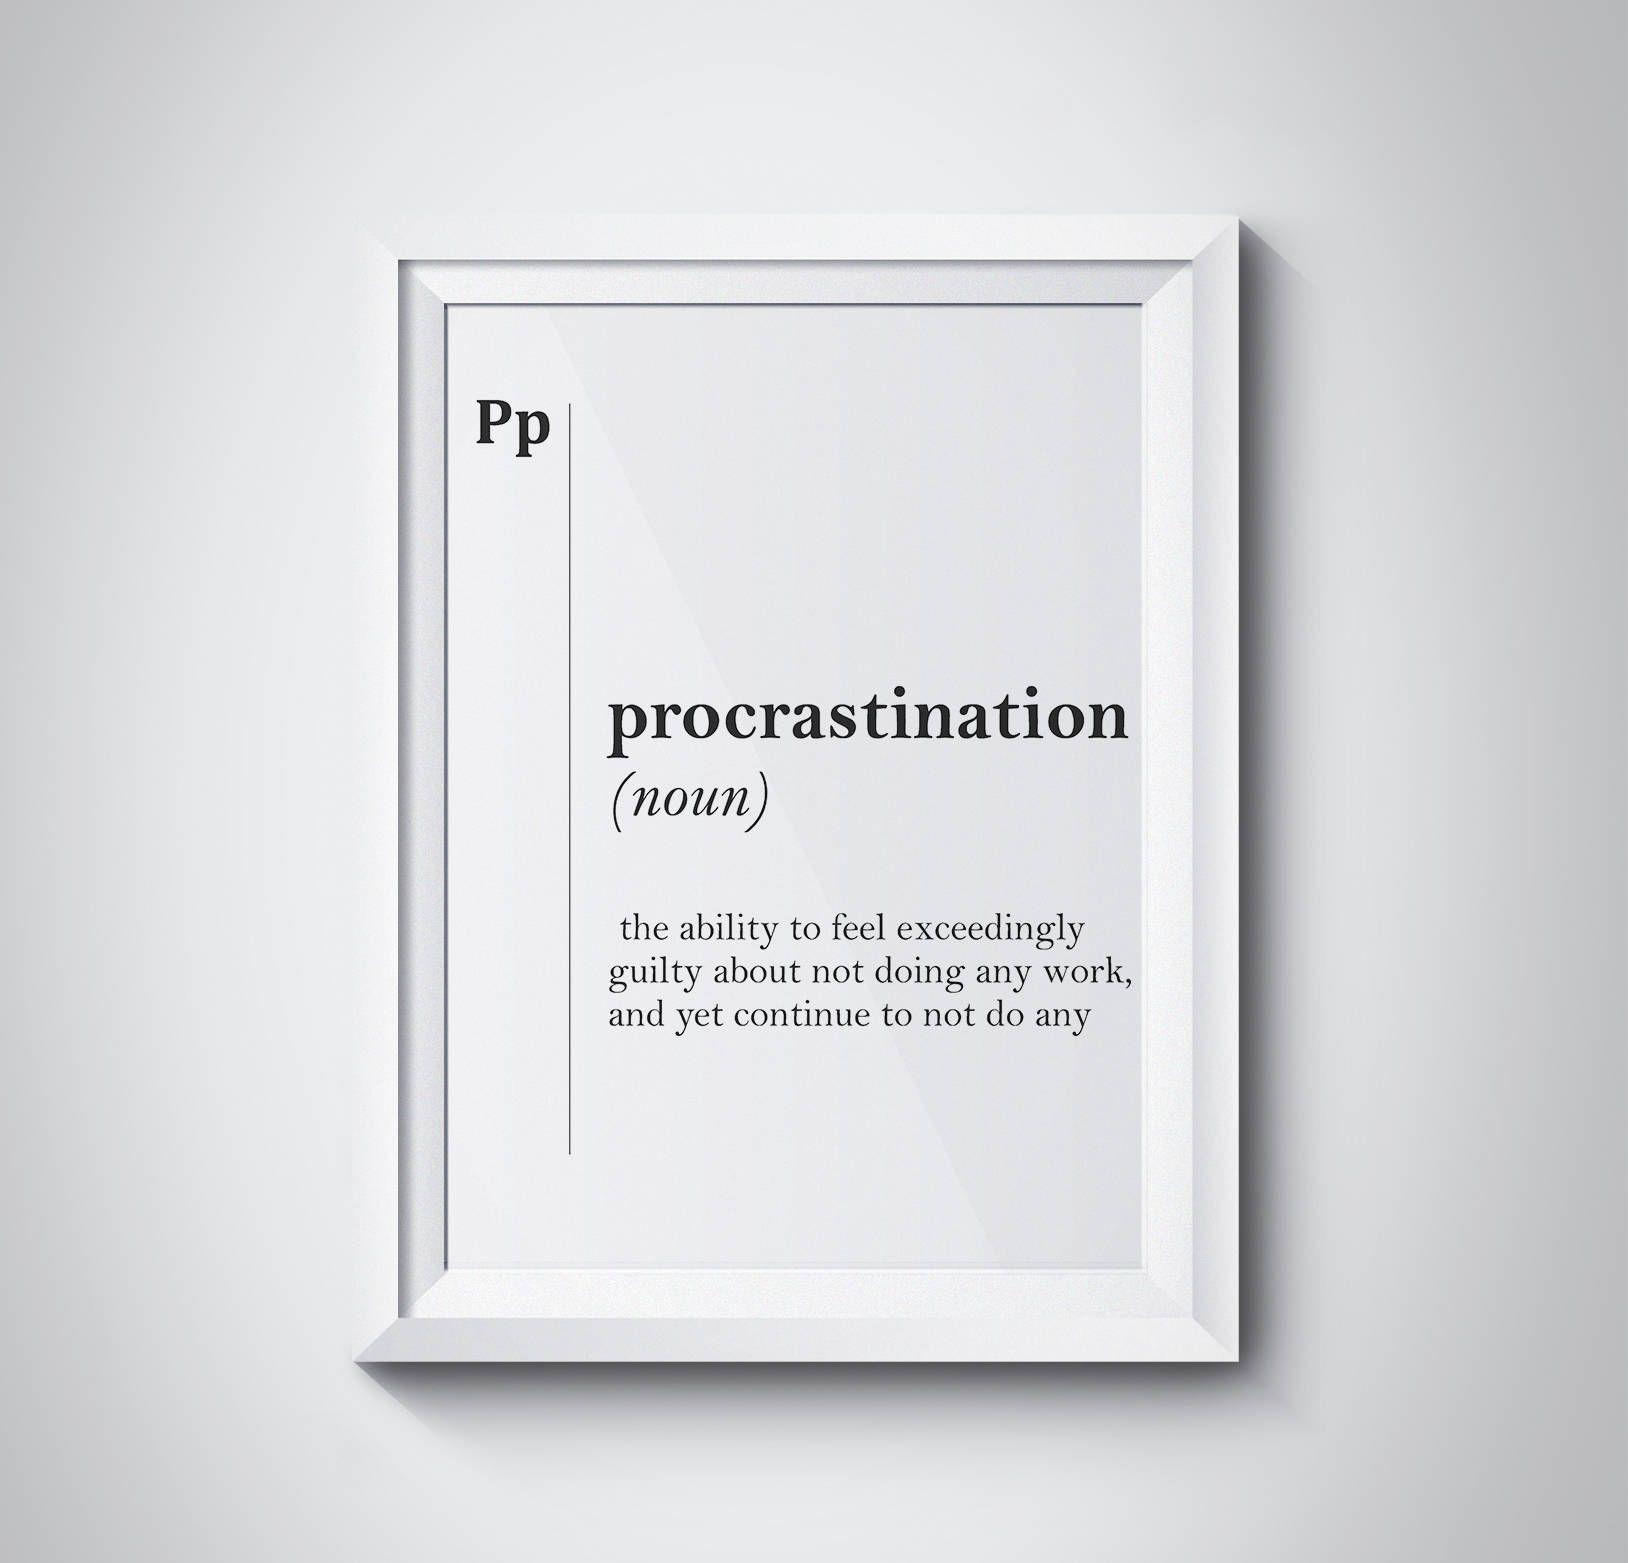 procrastination dictionary com